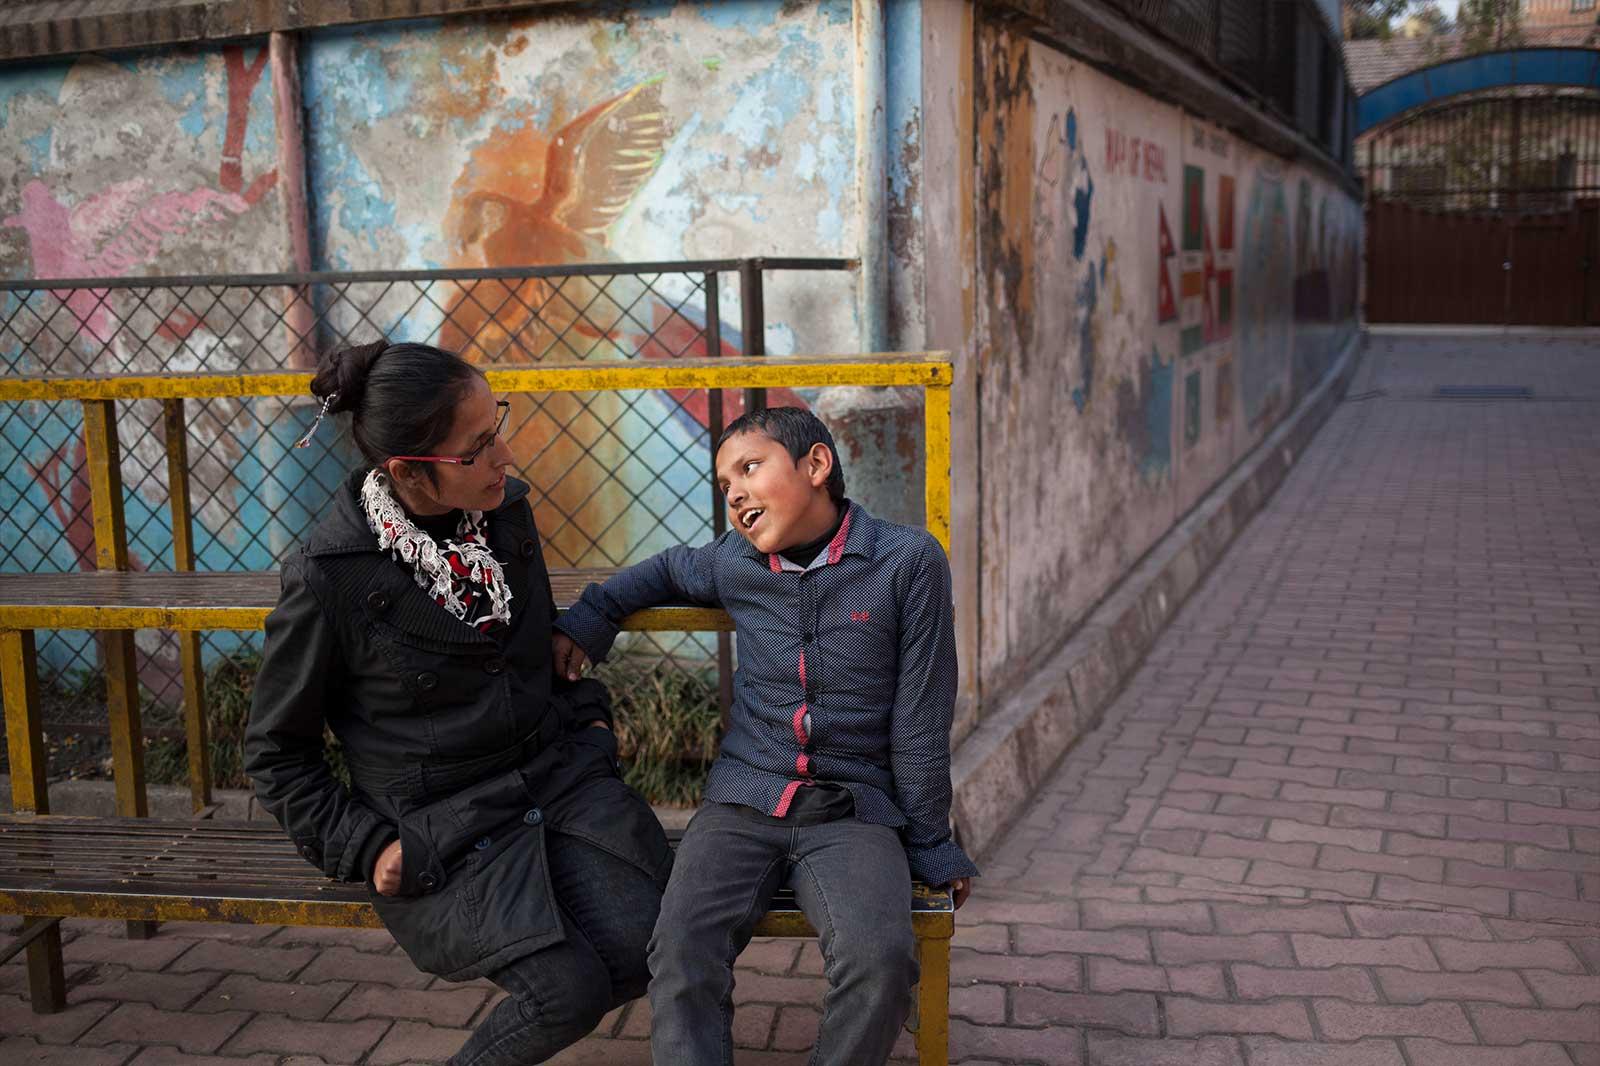 A Rhadika, víctima de trata a los 14 años, le extrajeron un riñón sin su consentimiento. Posteriormente, su marido la vendió a un burdel junto con su hijo y la forzaron a prostituirse. Consiguió ahorrar unas rupias y huir. Su marido y los traficantes fueron condenados.